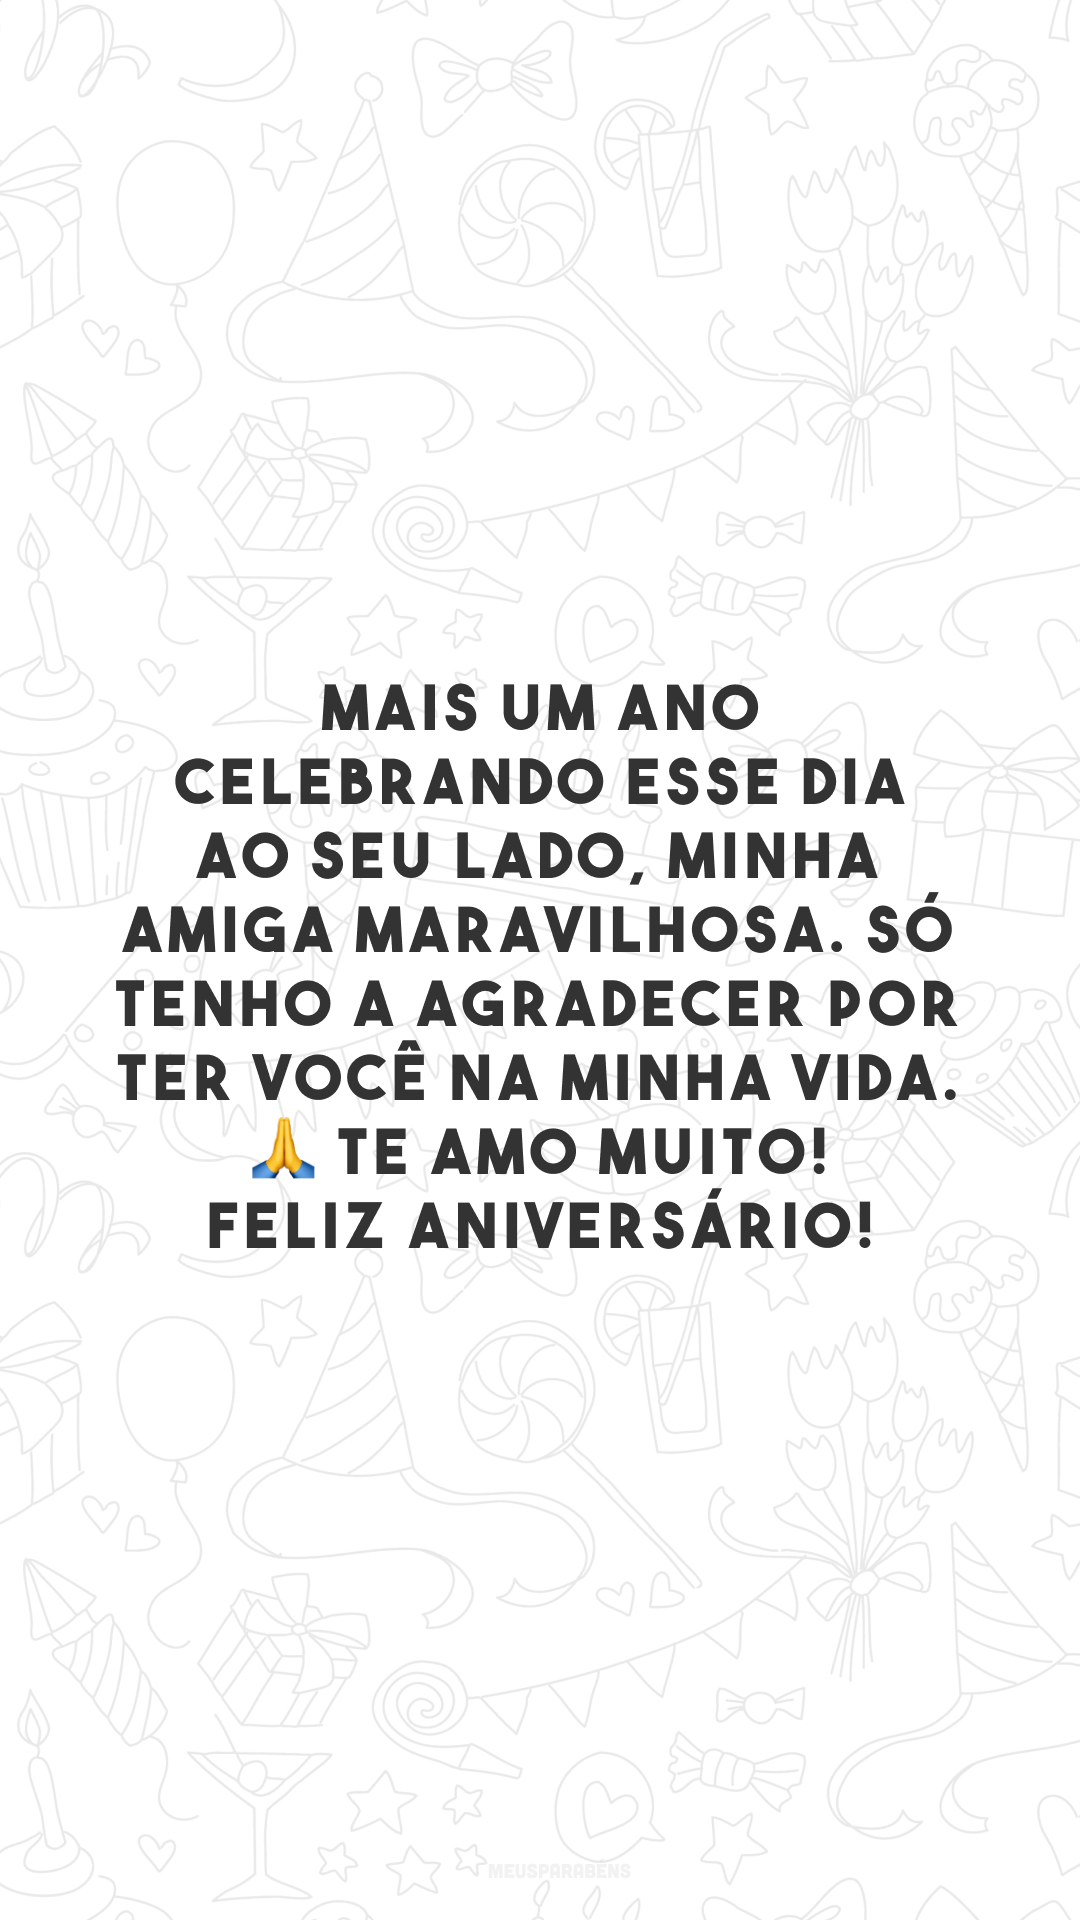 Mais um ano celebrando esse dia ao seu lado, minha amiga maravilhosa. Só tenho a agradecer por ter você na minha vida. 🙏 Te amo muito! Feliz aniversário!